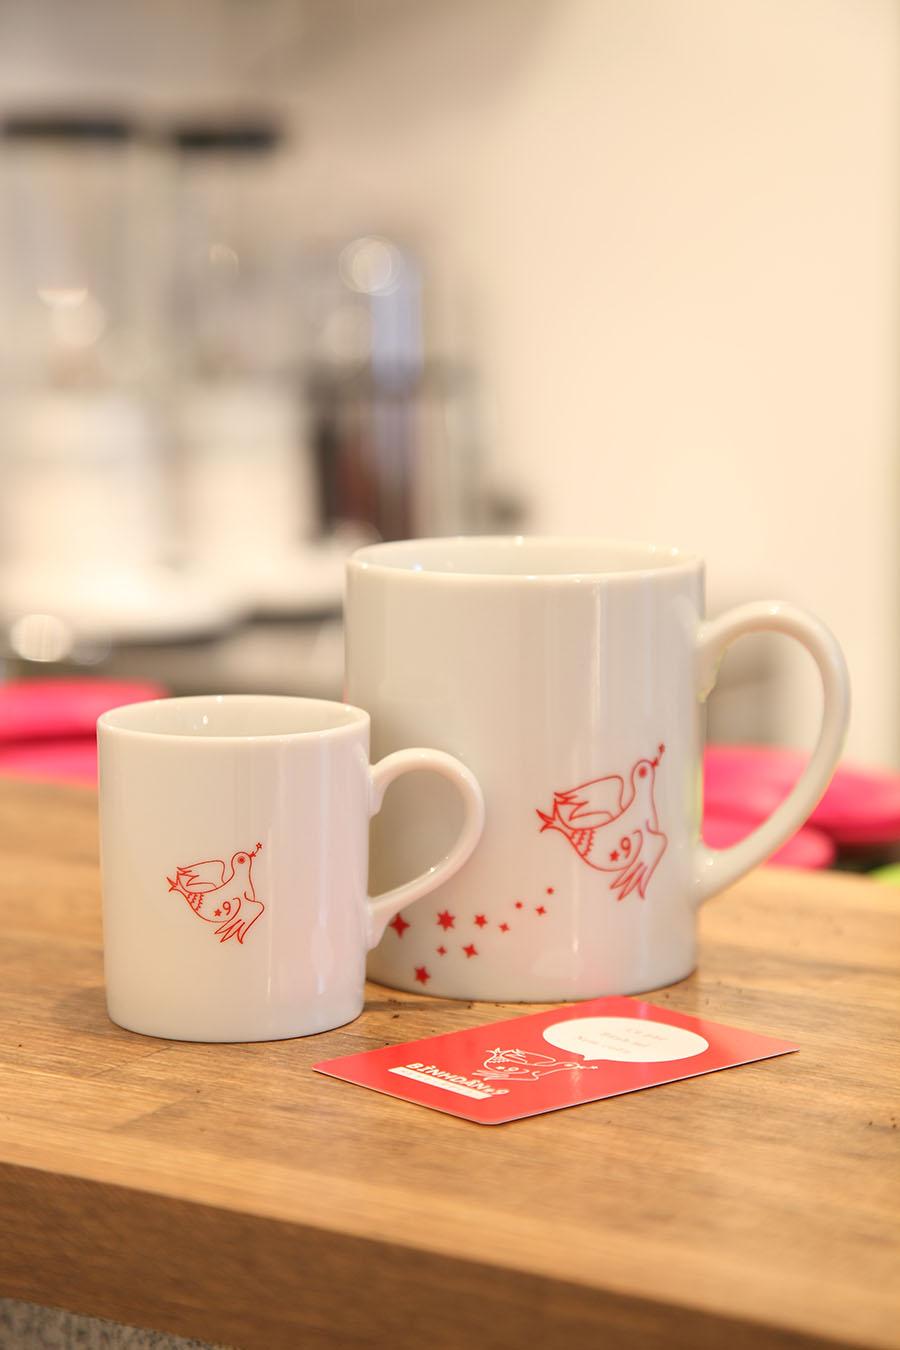 ベトナム料理店のマグカップデザイン